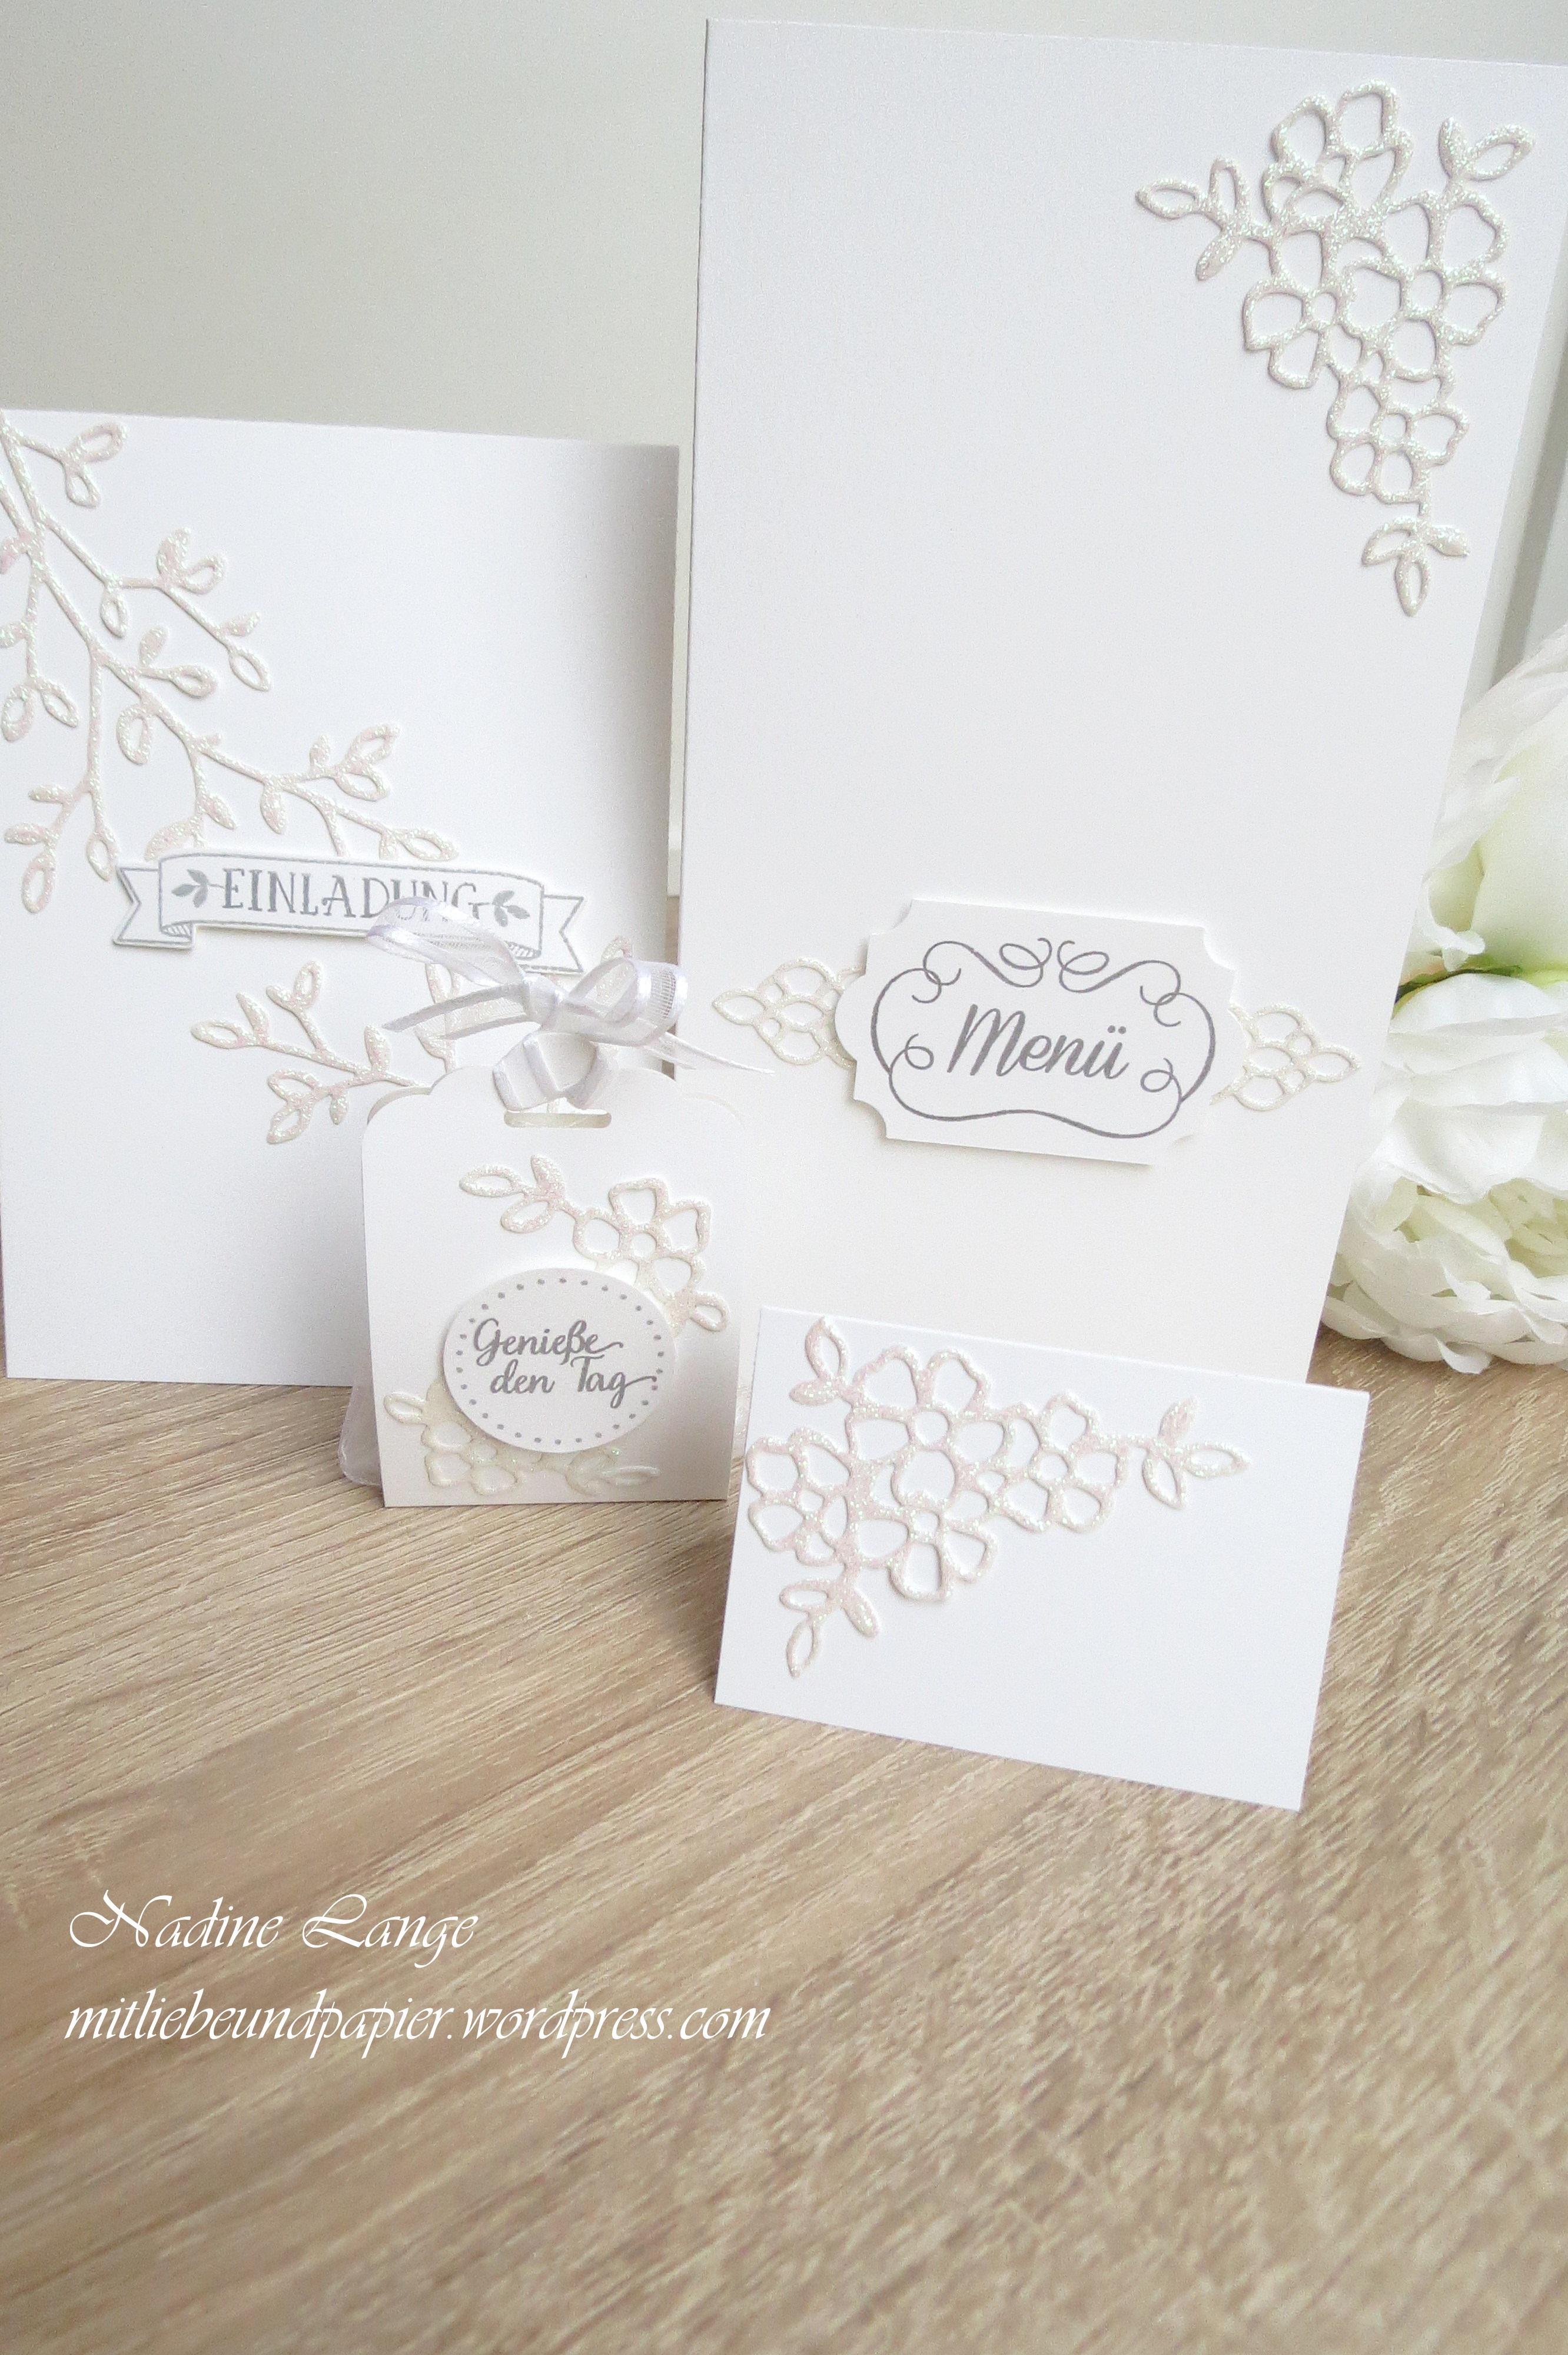 Hochzeitsideen Mit Liebe Und Papier Selber Gemacht U2013 Teil 1: Edel In Weiß  Glitzer (Stampinu0027 Up! Blütentraum)